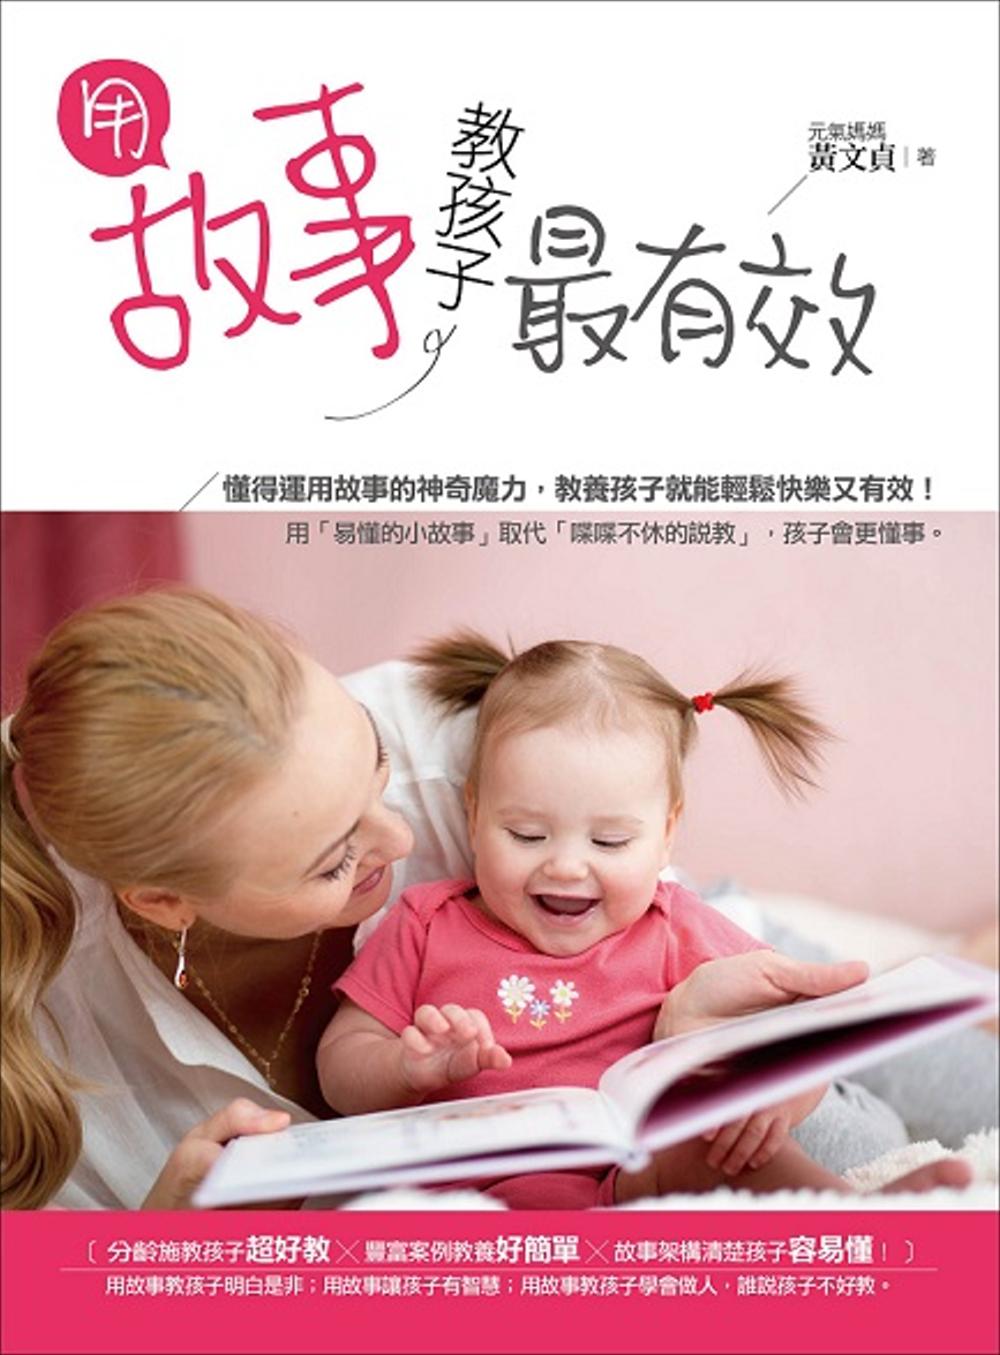 用故事教孩子最有效